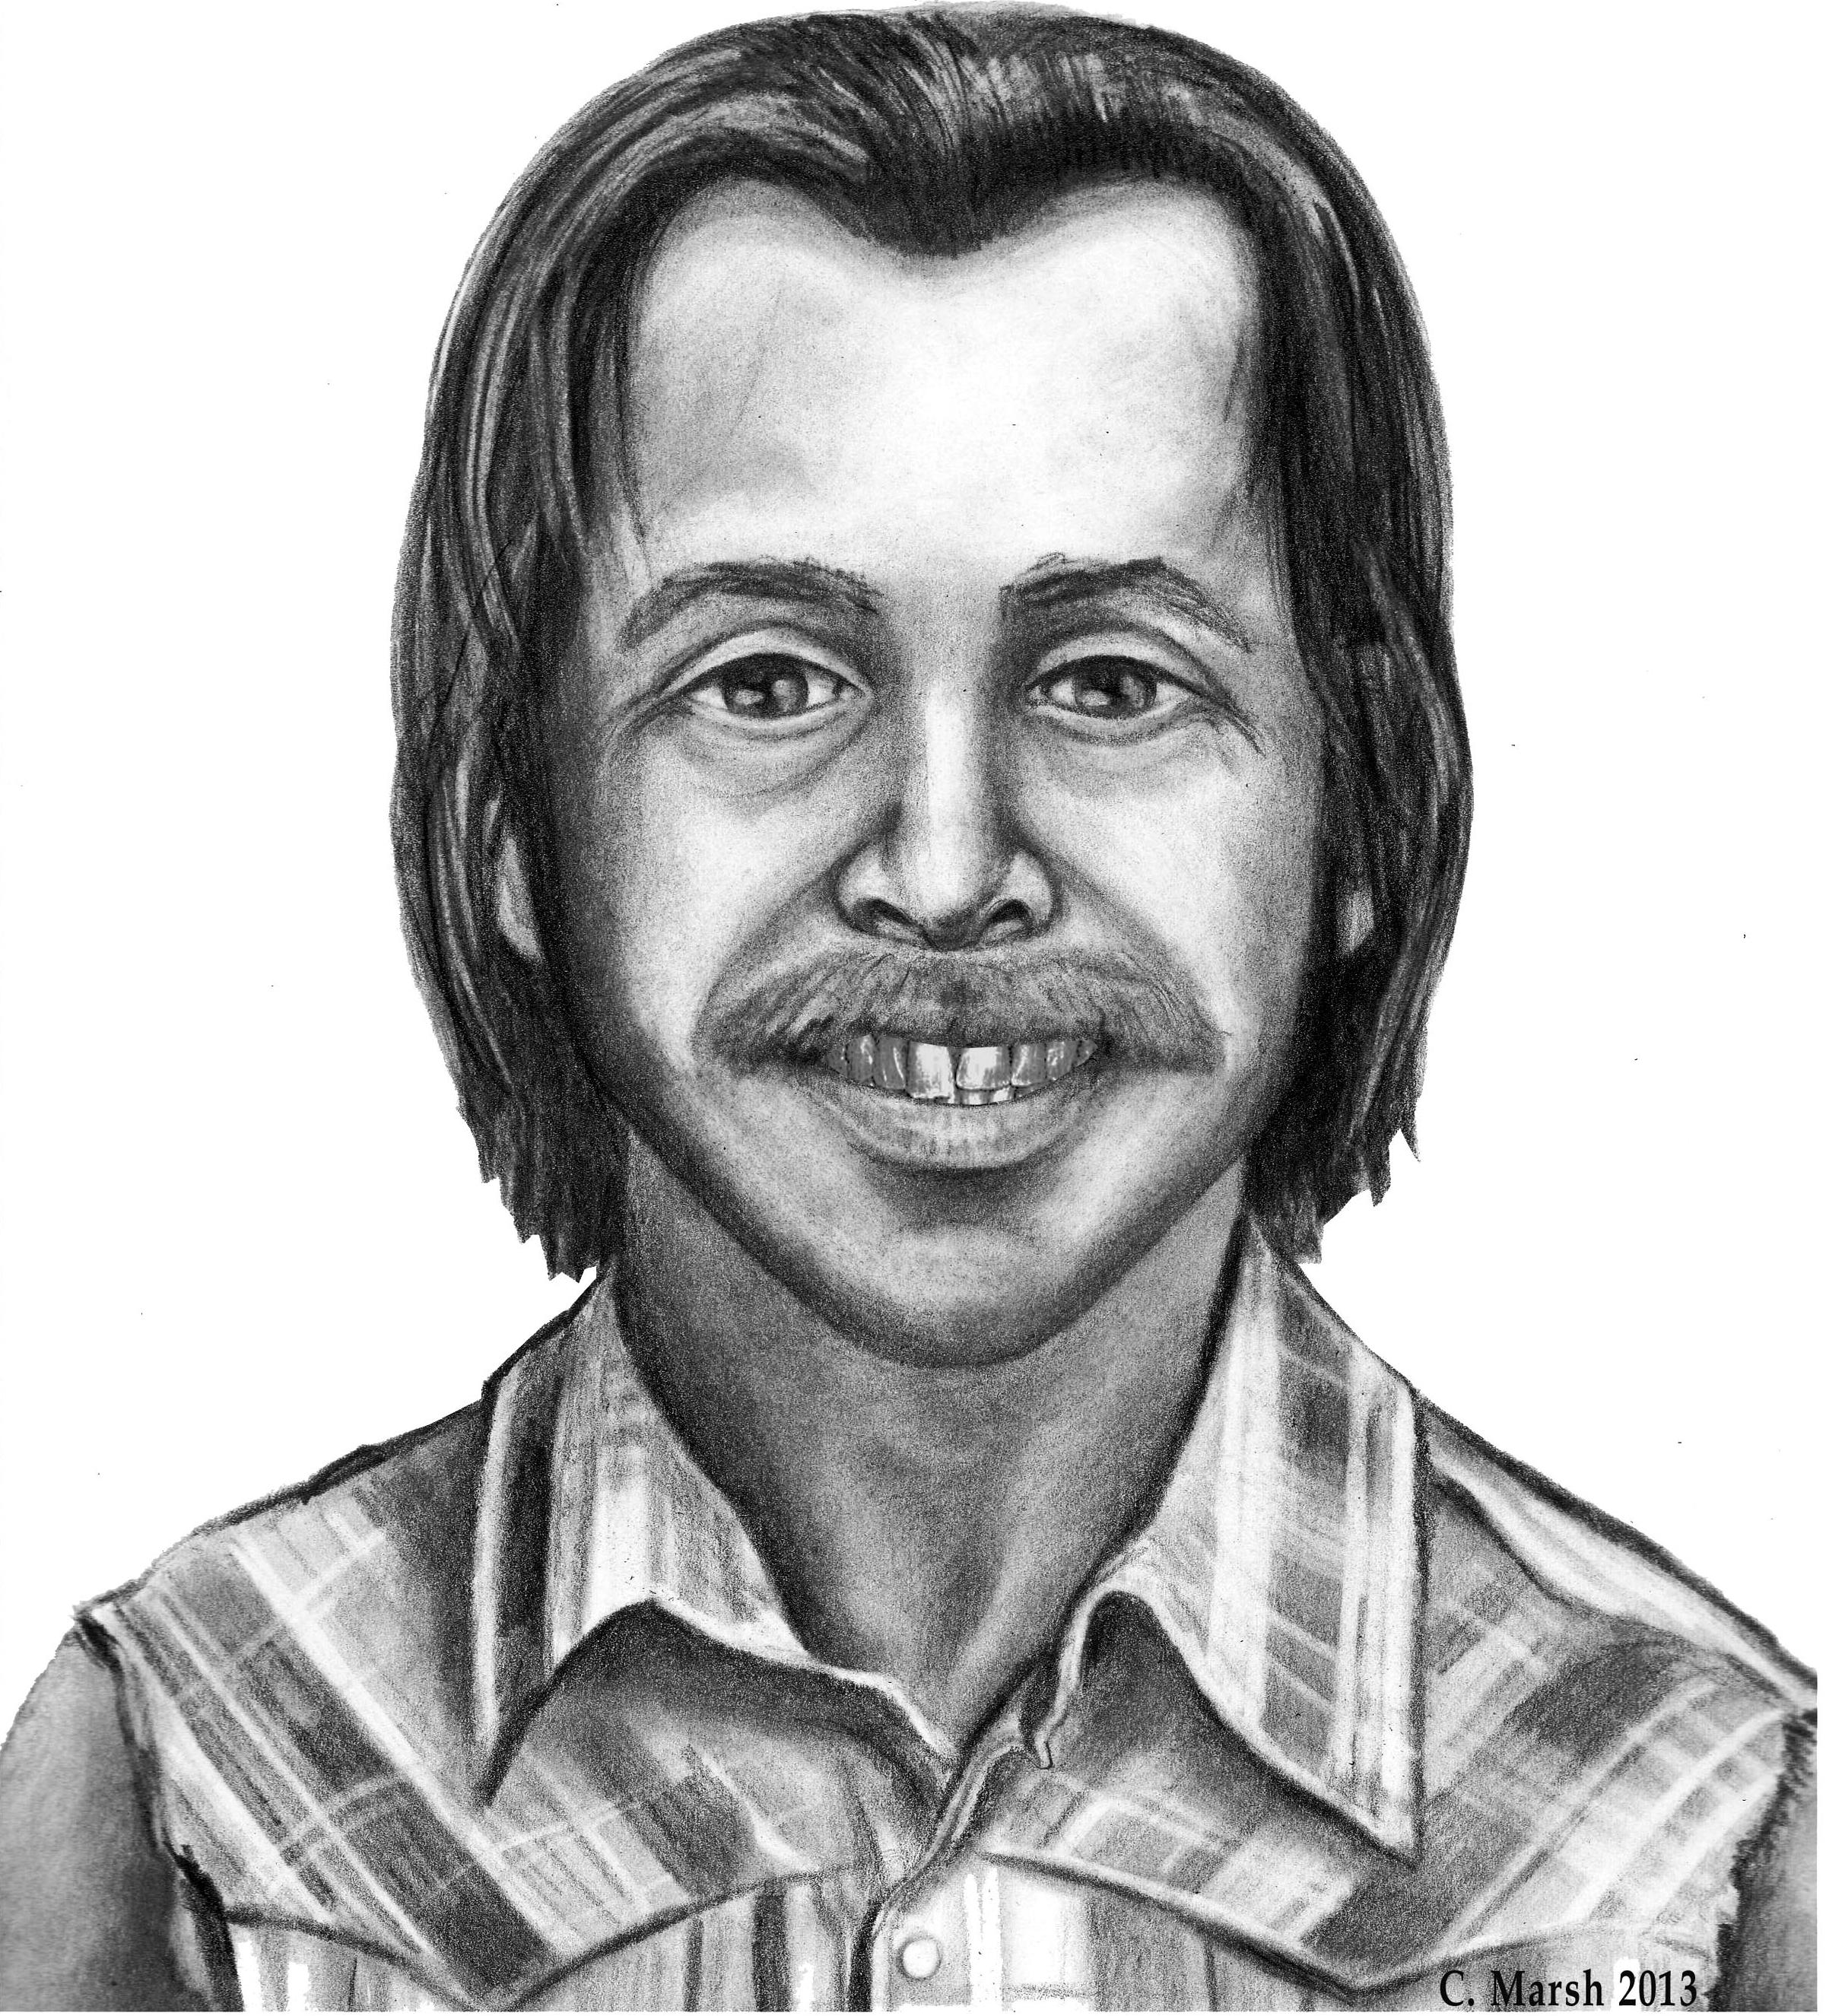 Pueblo County John Doe